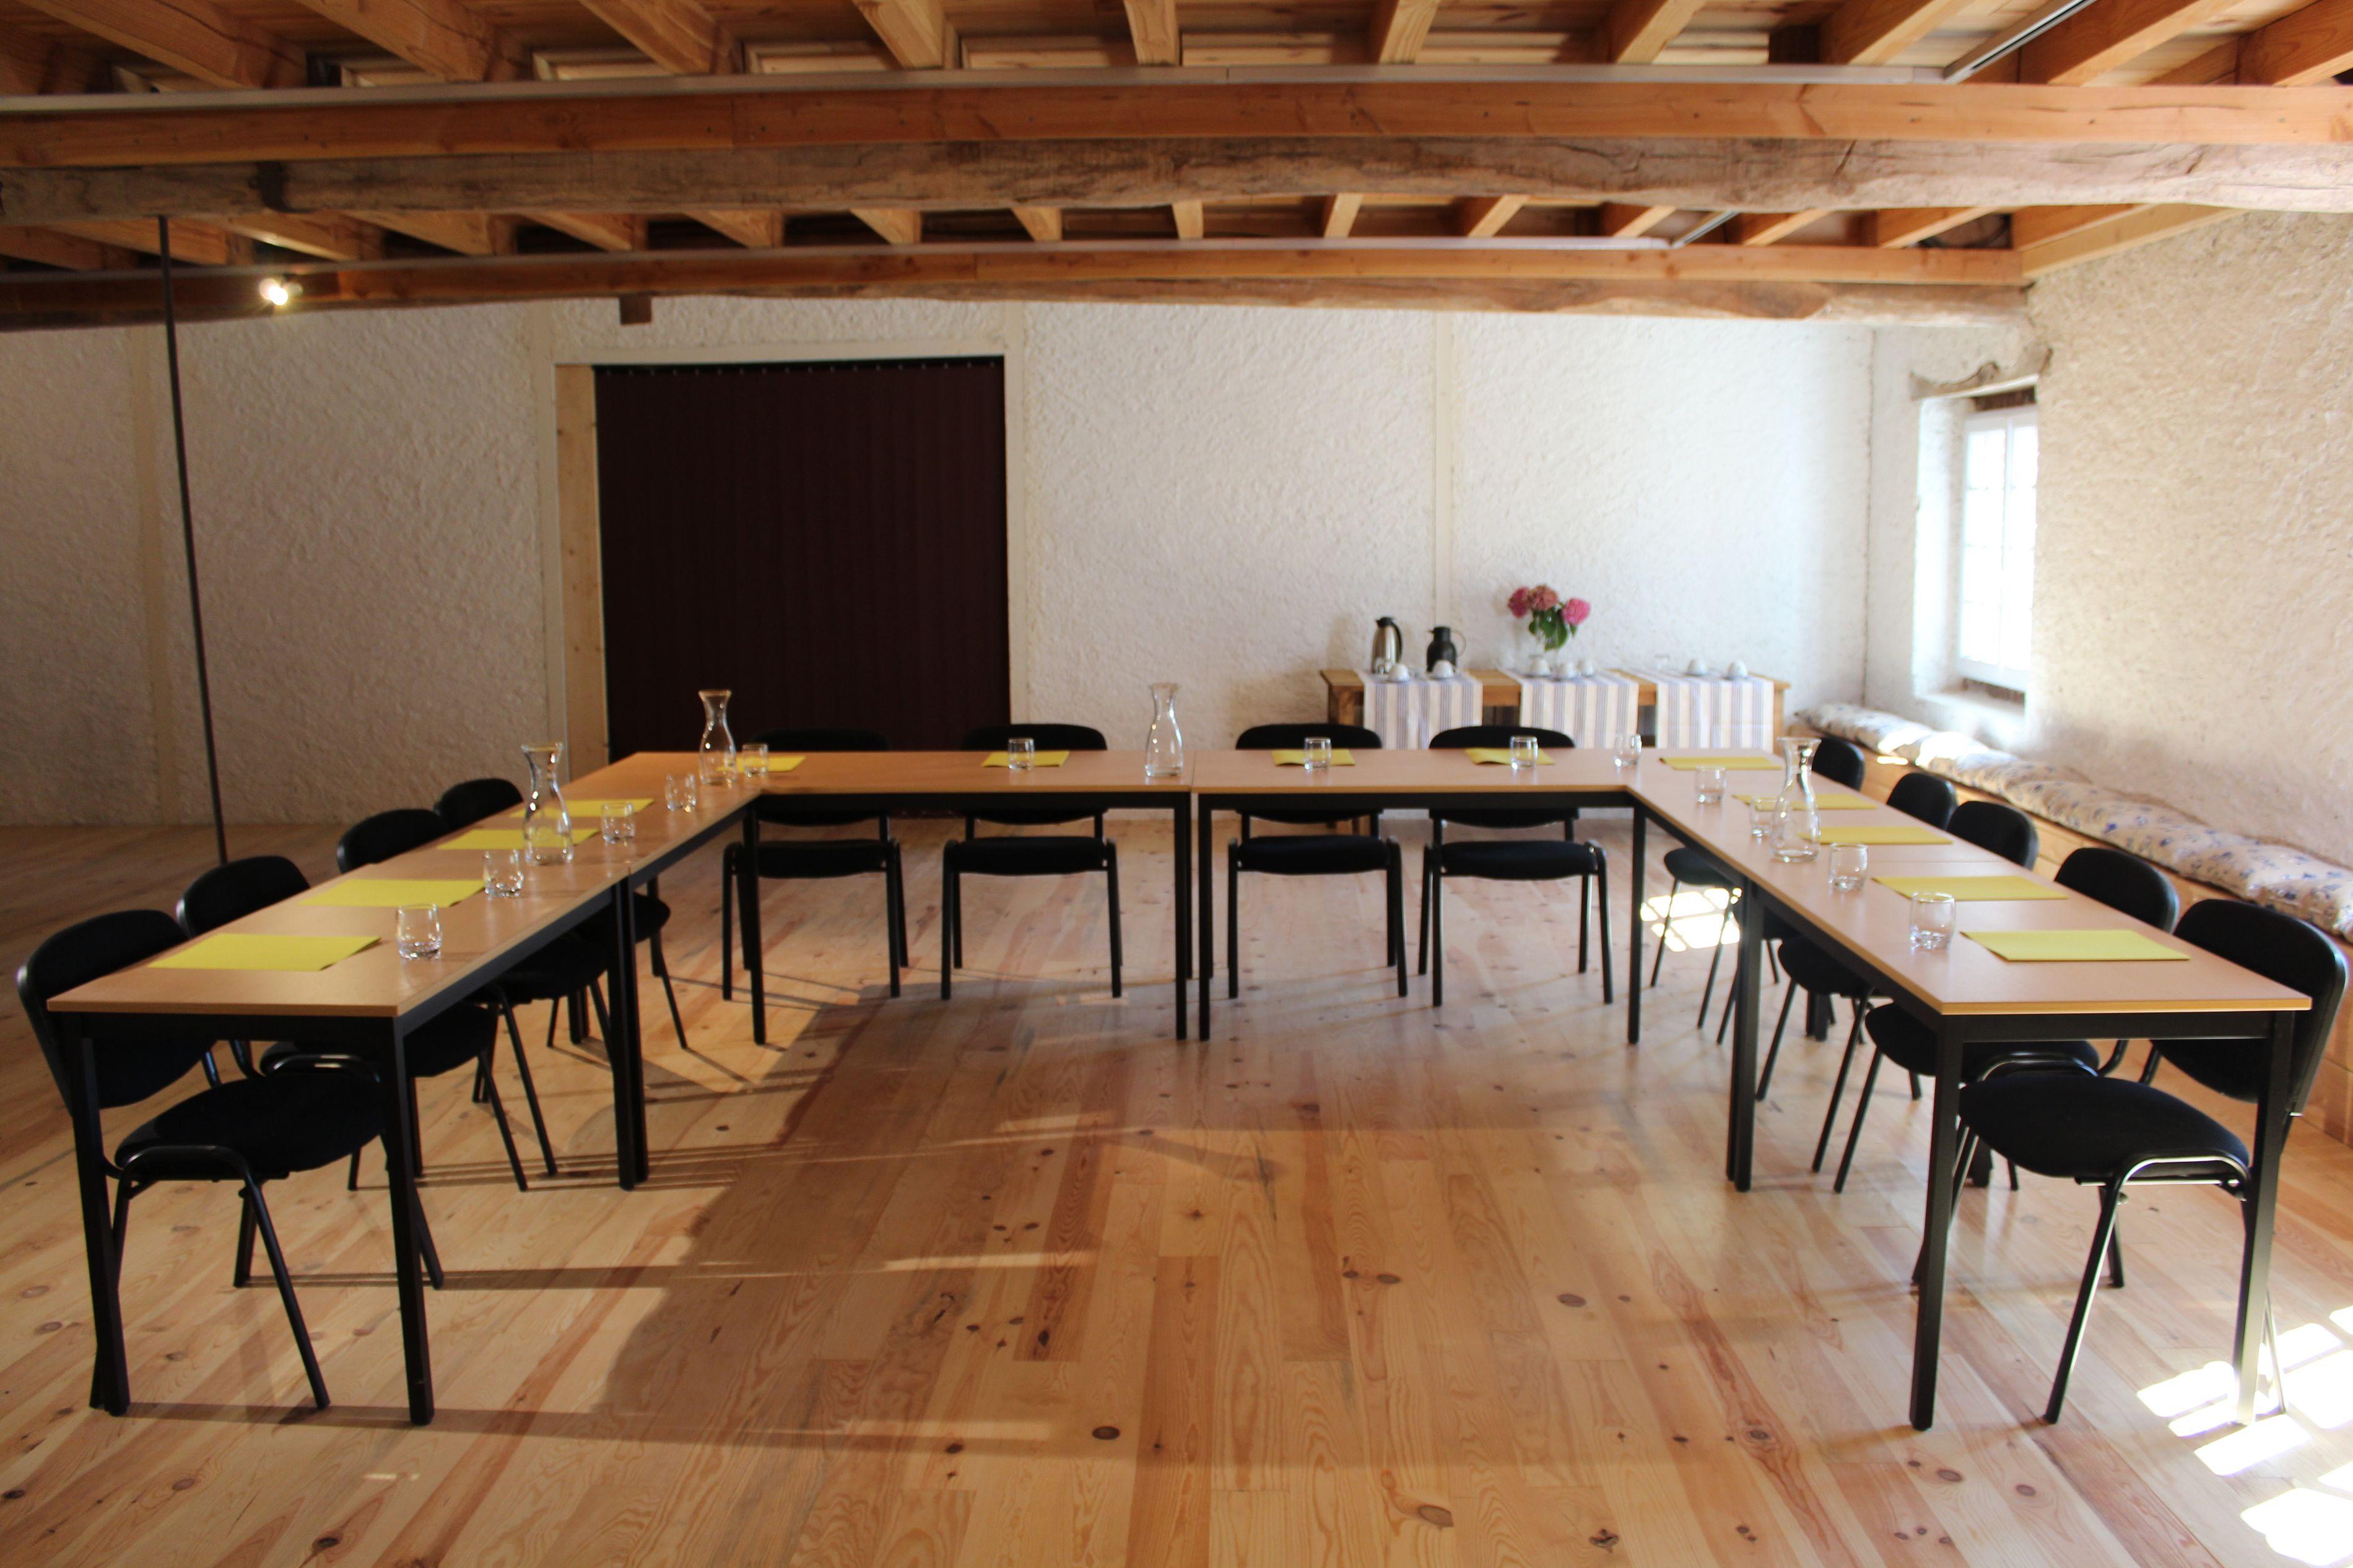 Salle De Bain Avec Carrelage Beige ~ les yourtes du b arn pontiacq viellepinte 64 h bergements